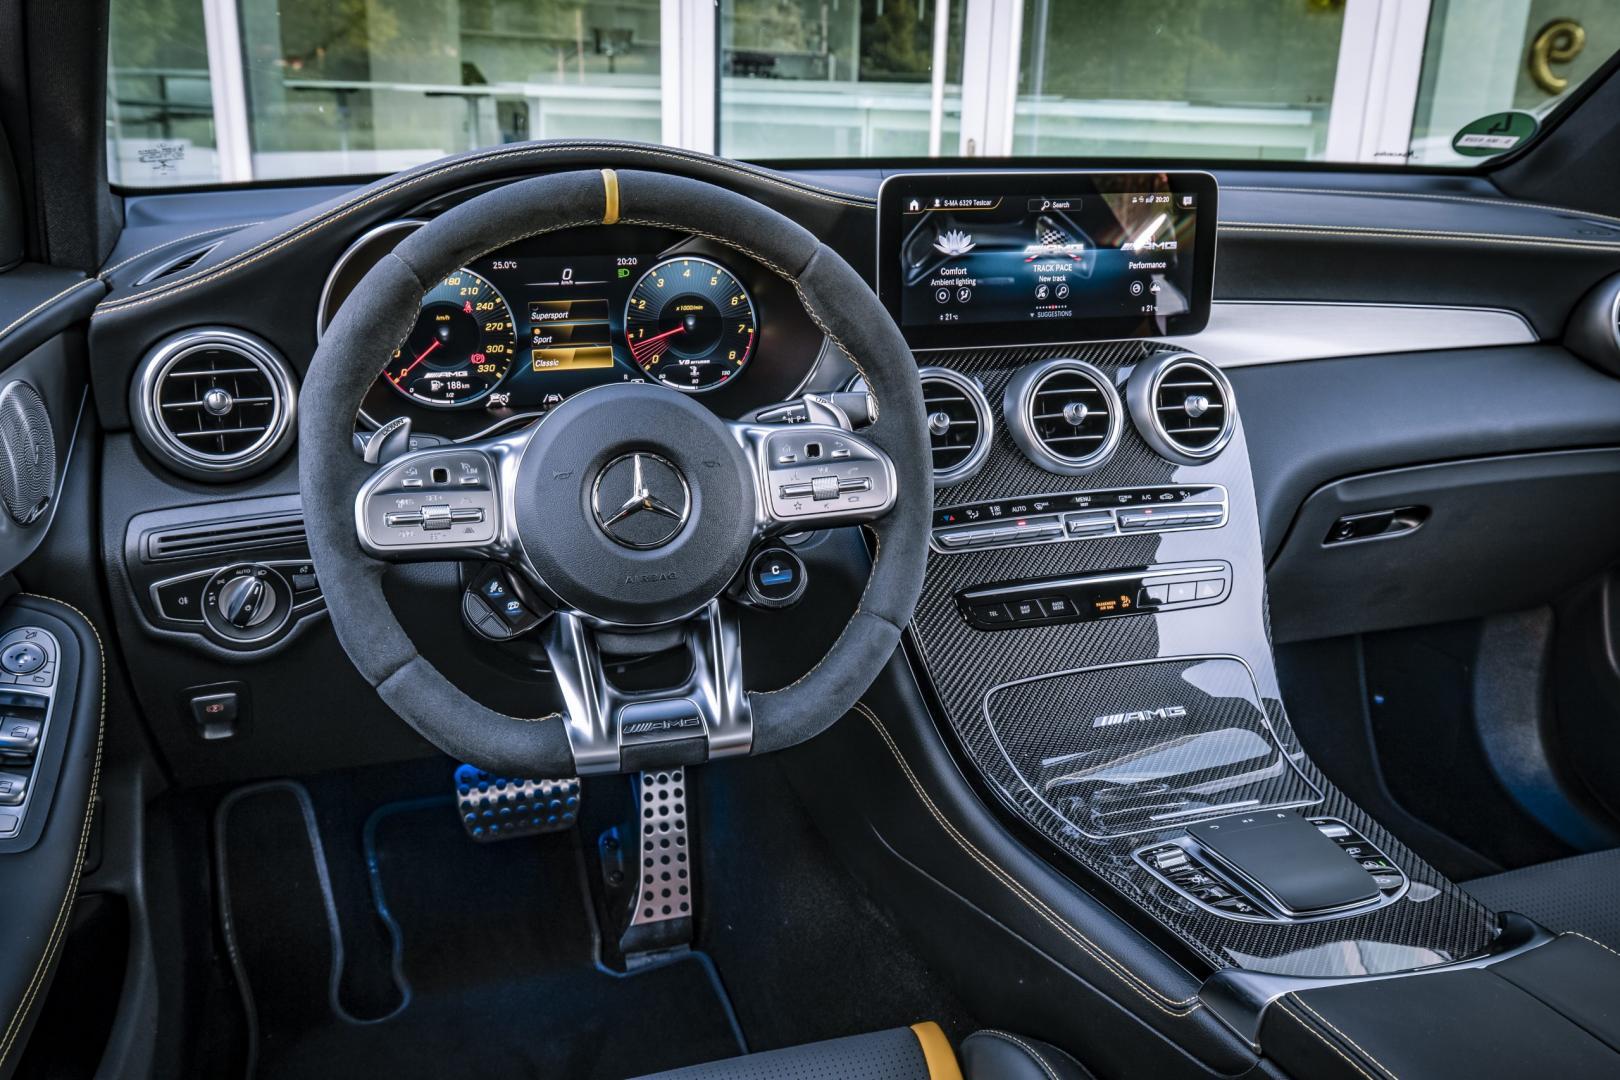 Mercedes-AMG GLC 63 S interieur